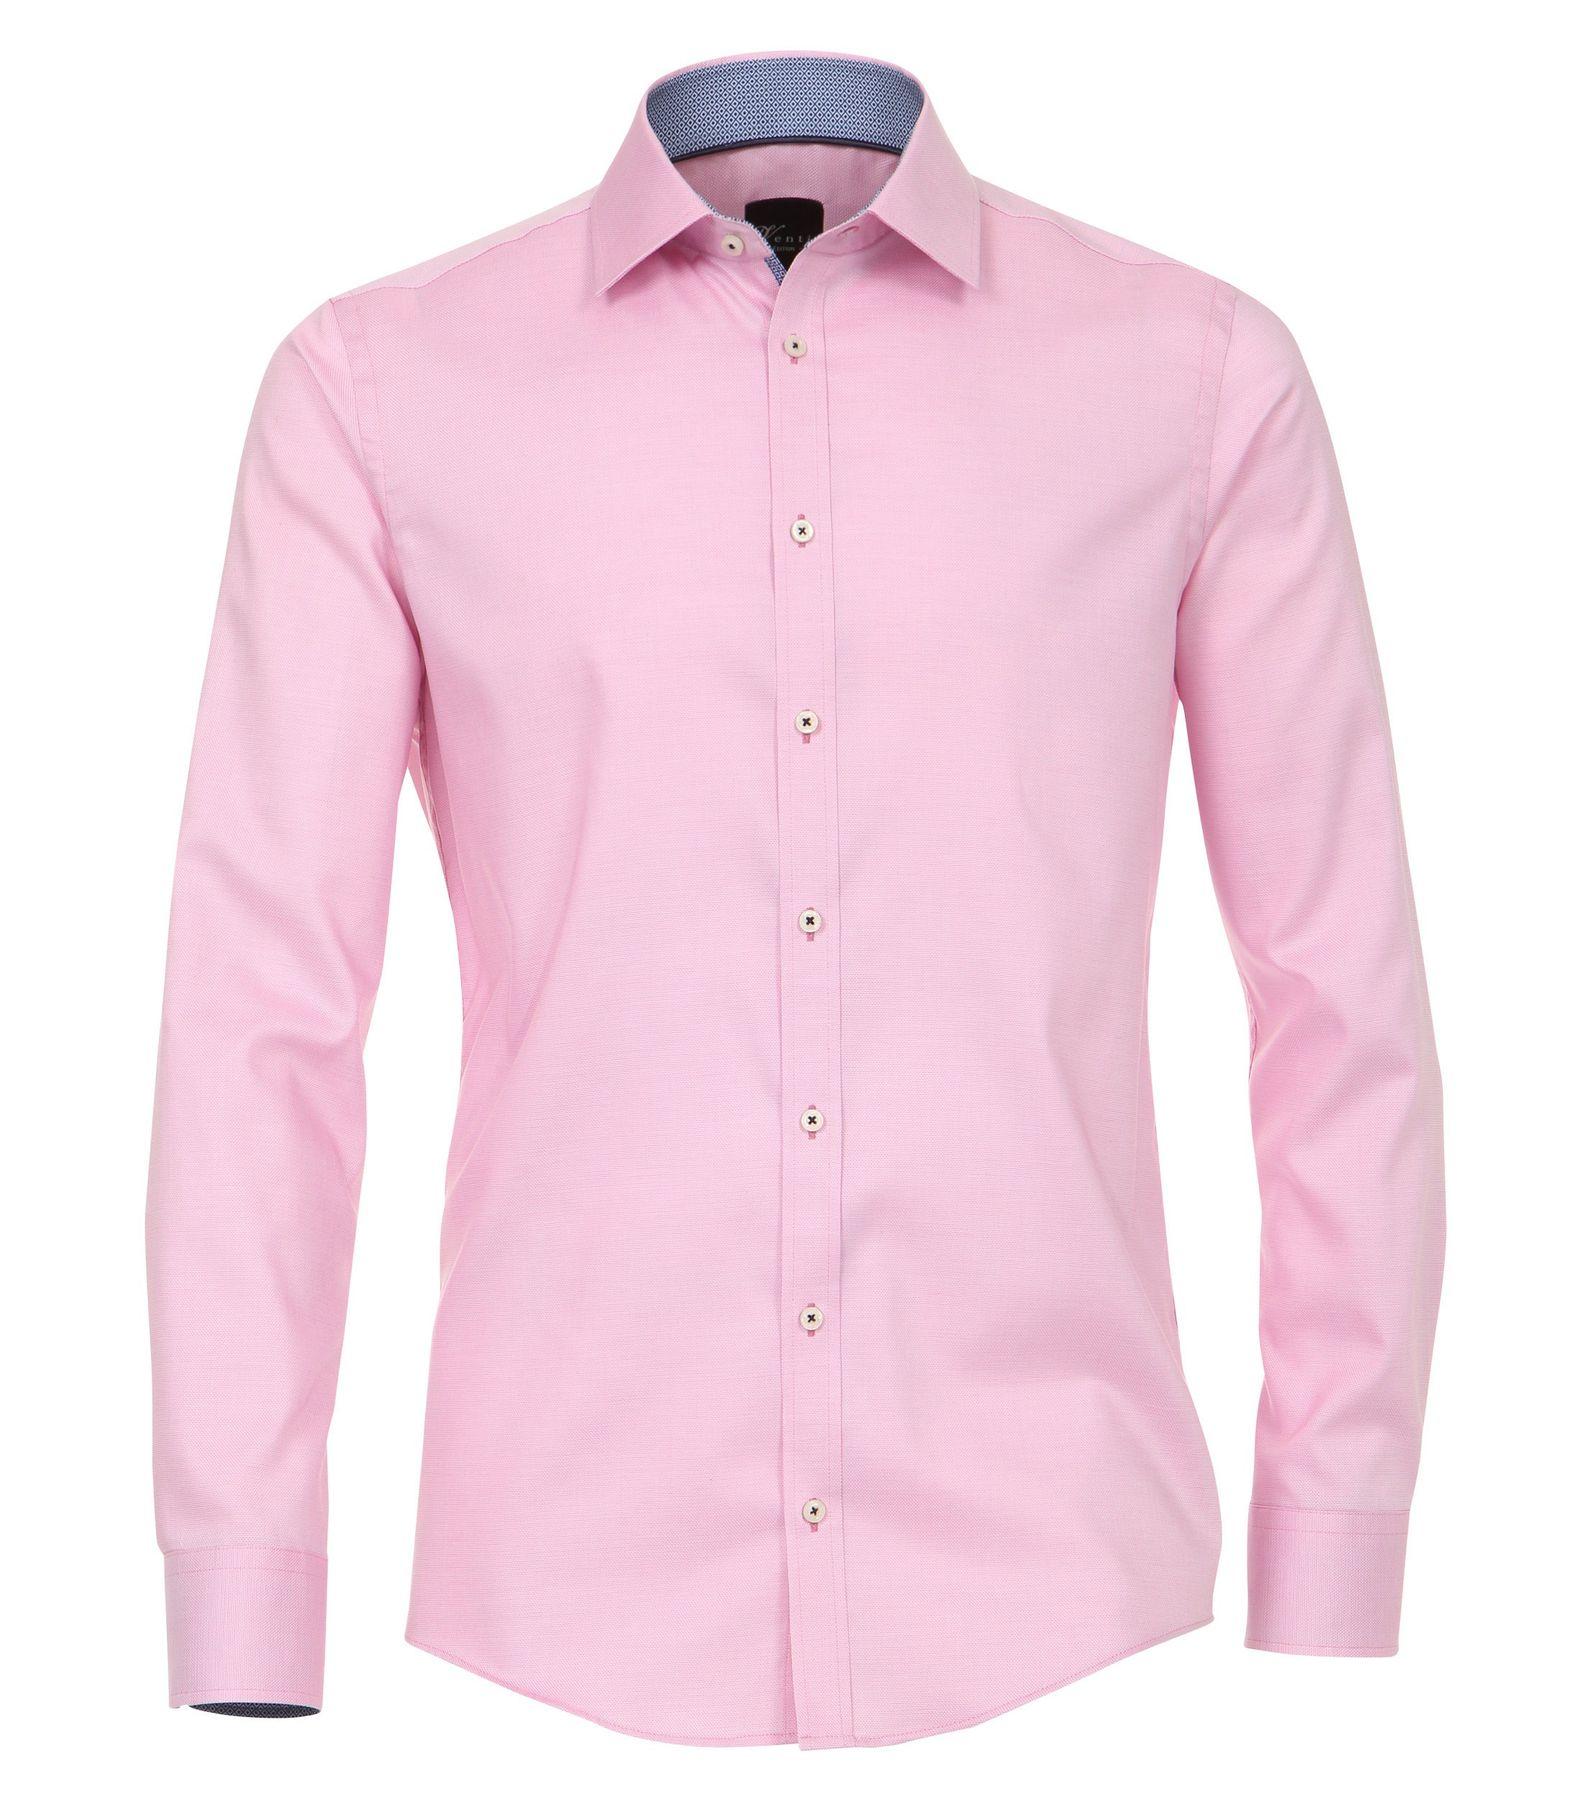 Venti - Slim Fit - Herren Langarm Hemd aus 100% Baumwolle mit Kent Kragen in verschiedenen Farben (172678600) – Bild 11